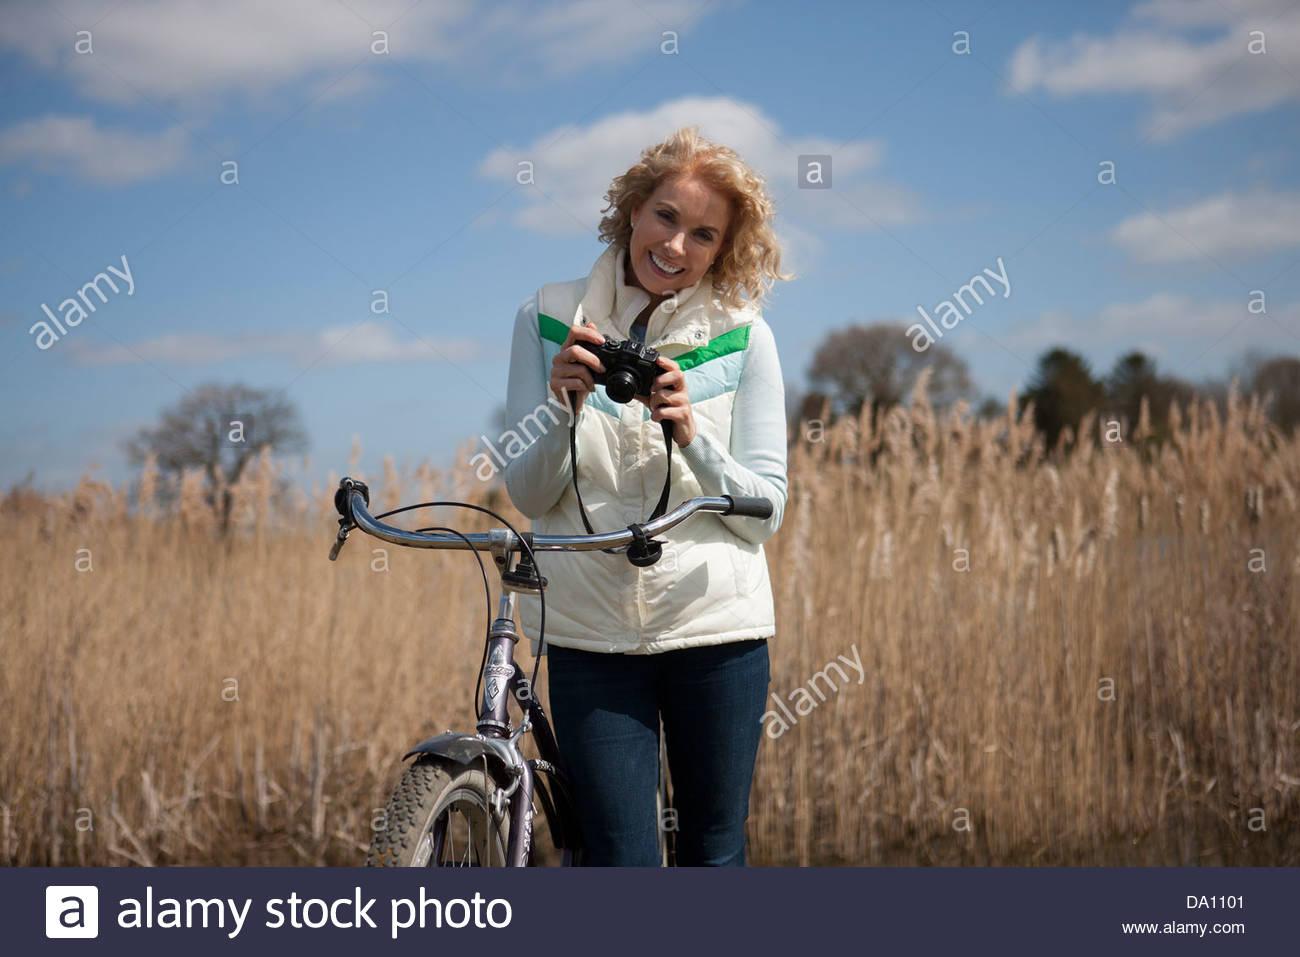 Eine reife Frau, Radfahren, eine Kamera zu halten Stockbild